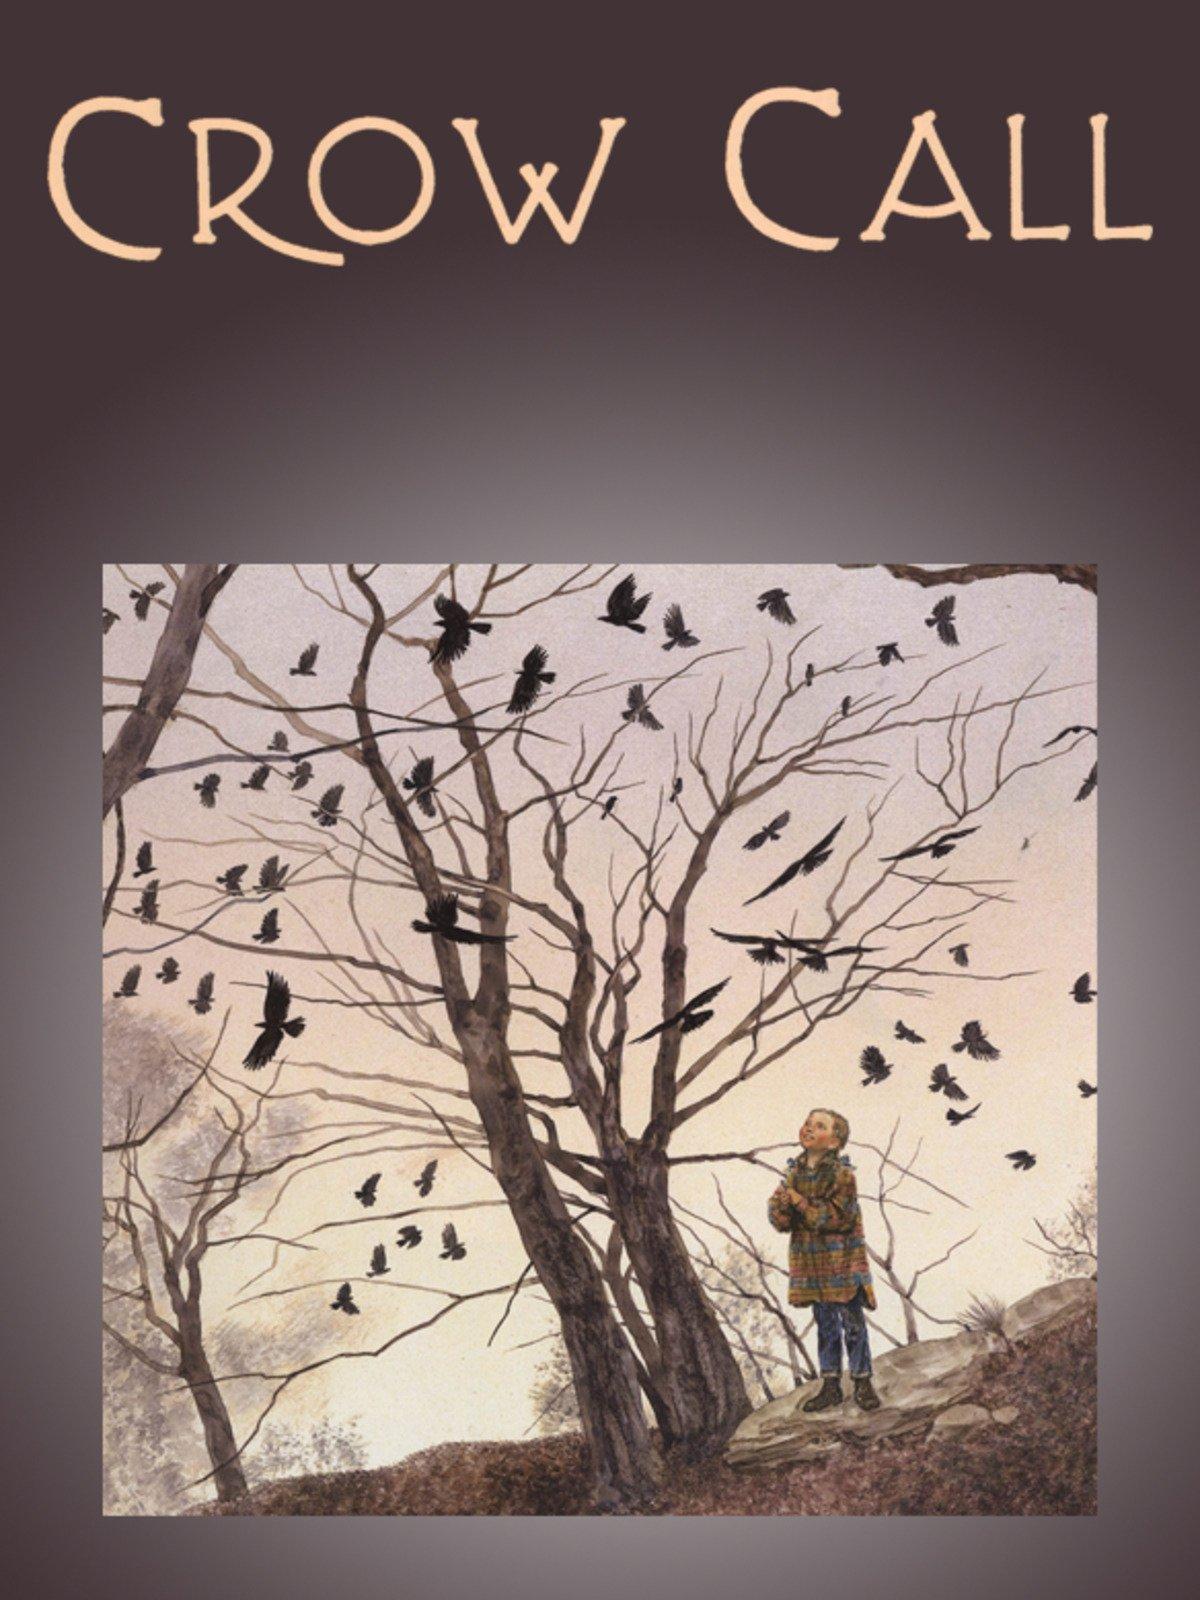 Crow Call